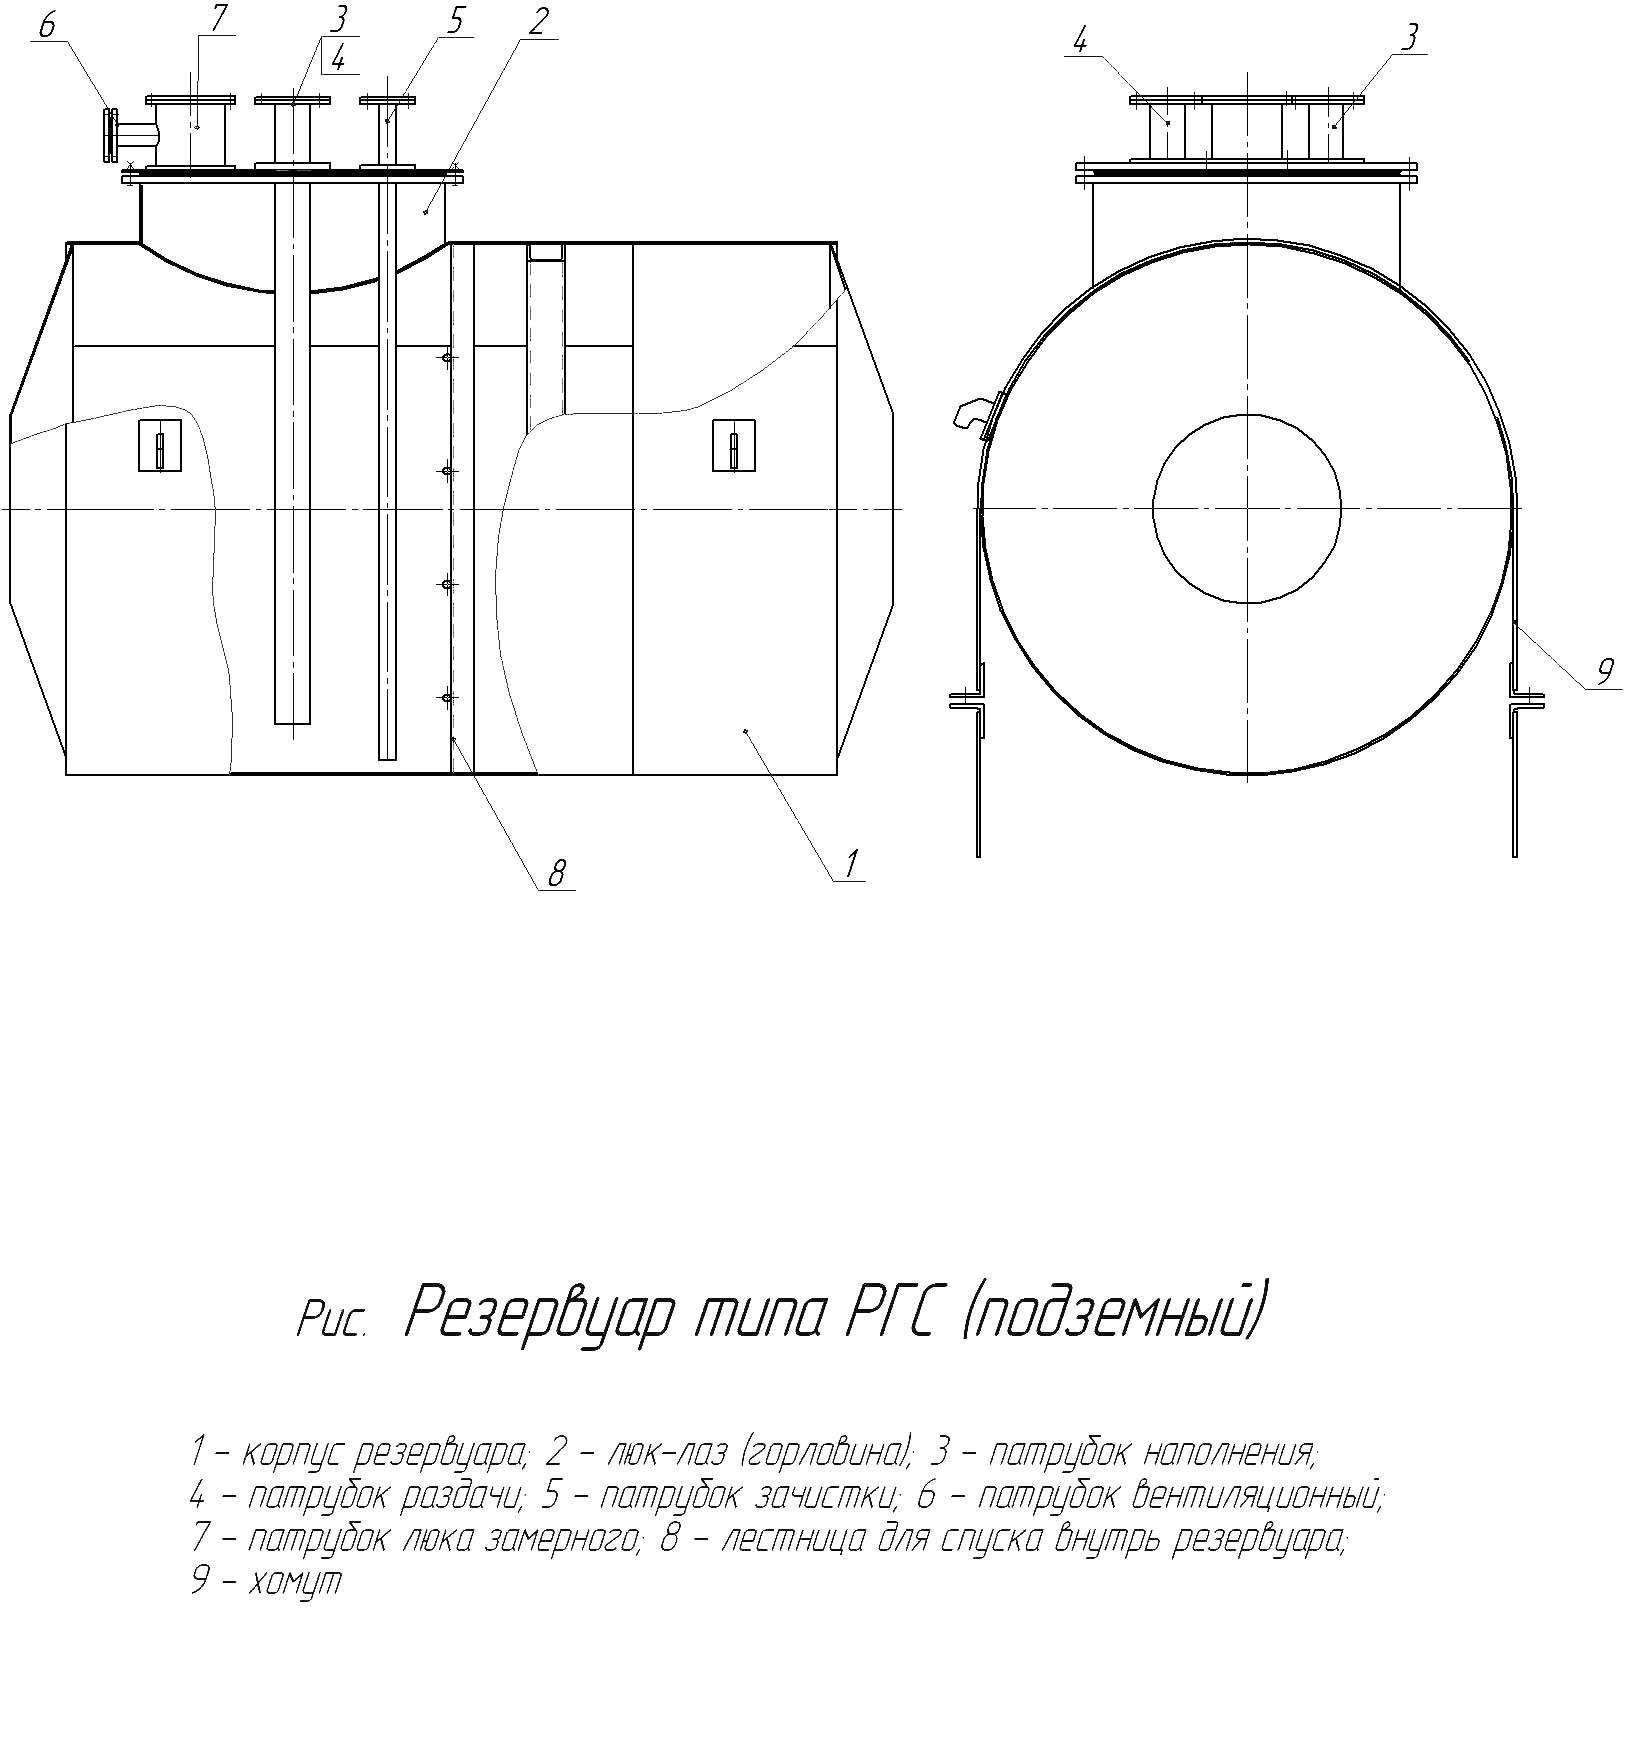 Резервуары для хранения нефтепродуктов РГСП